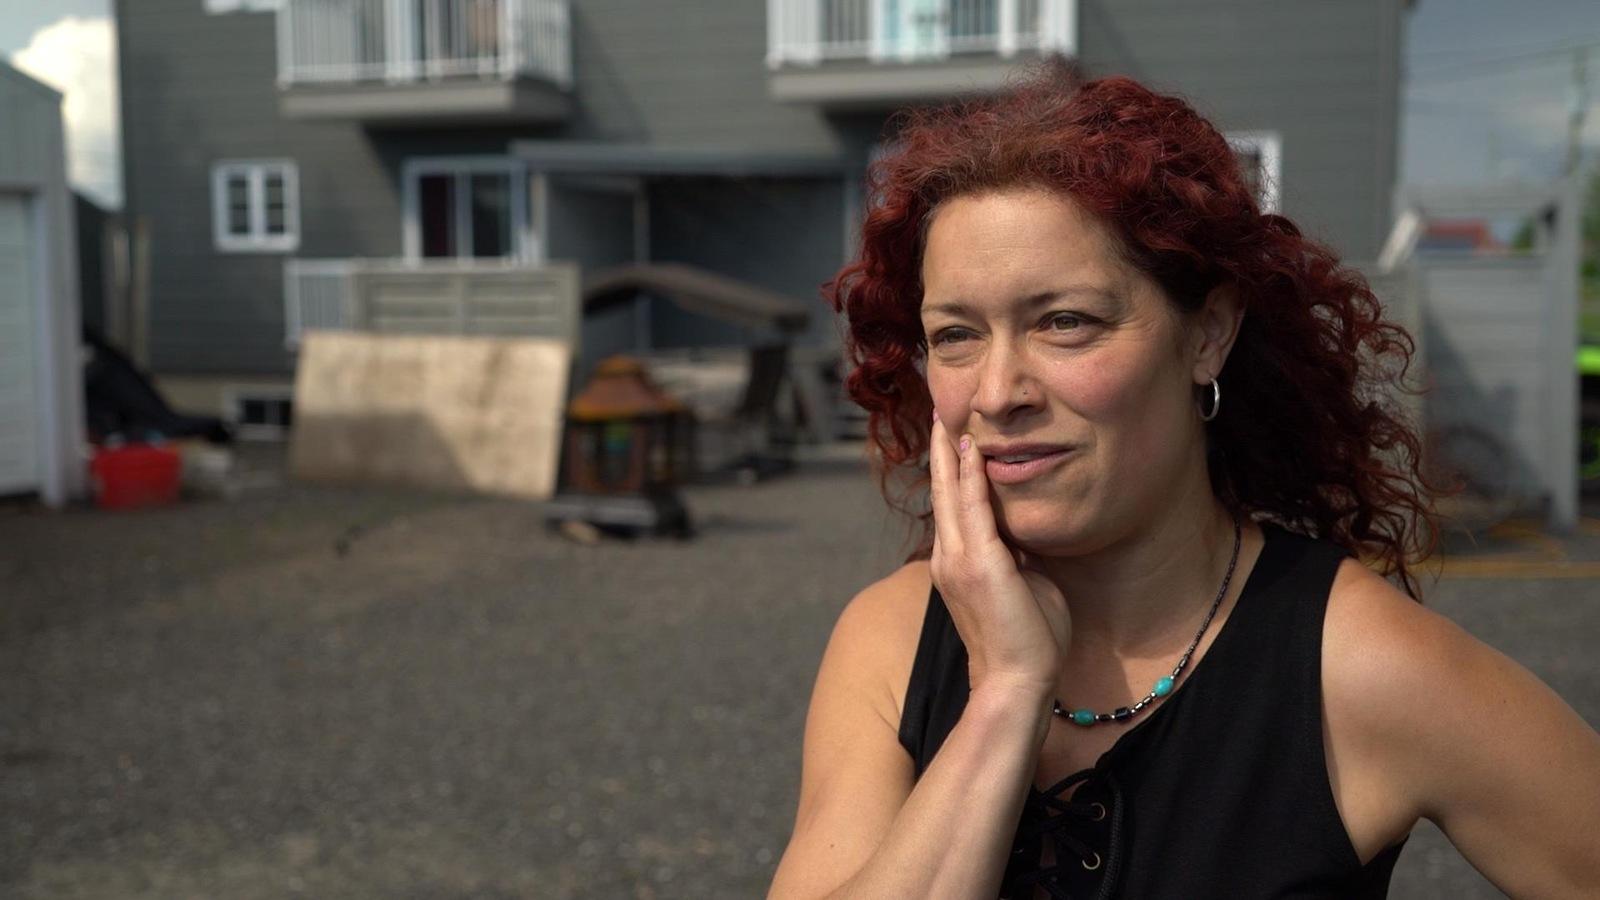 Sunny Létourneau s'oppose au projet de cimetière de la grande mosquée de Québec